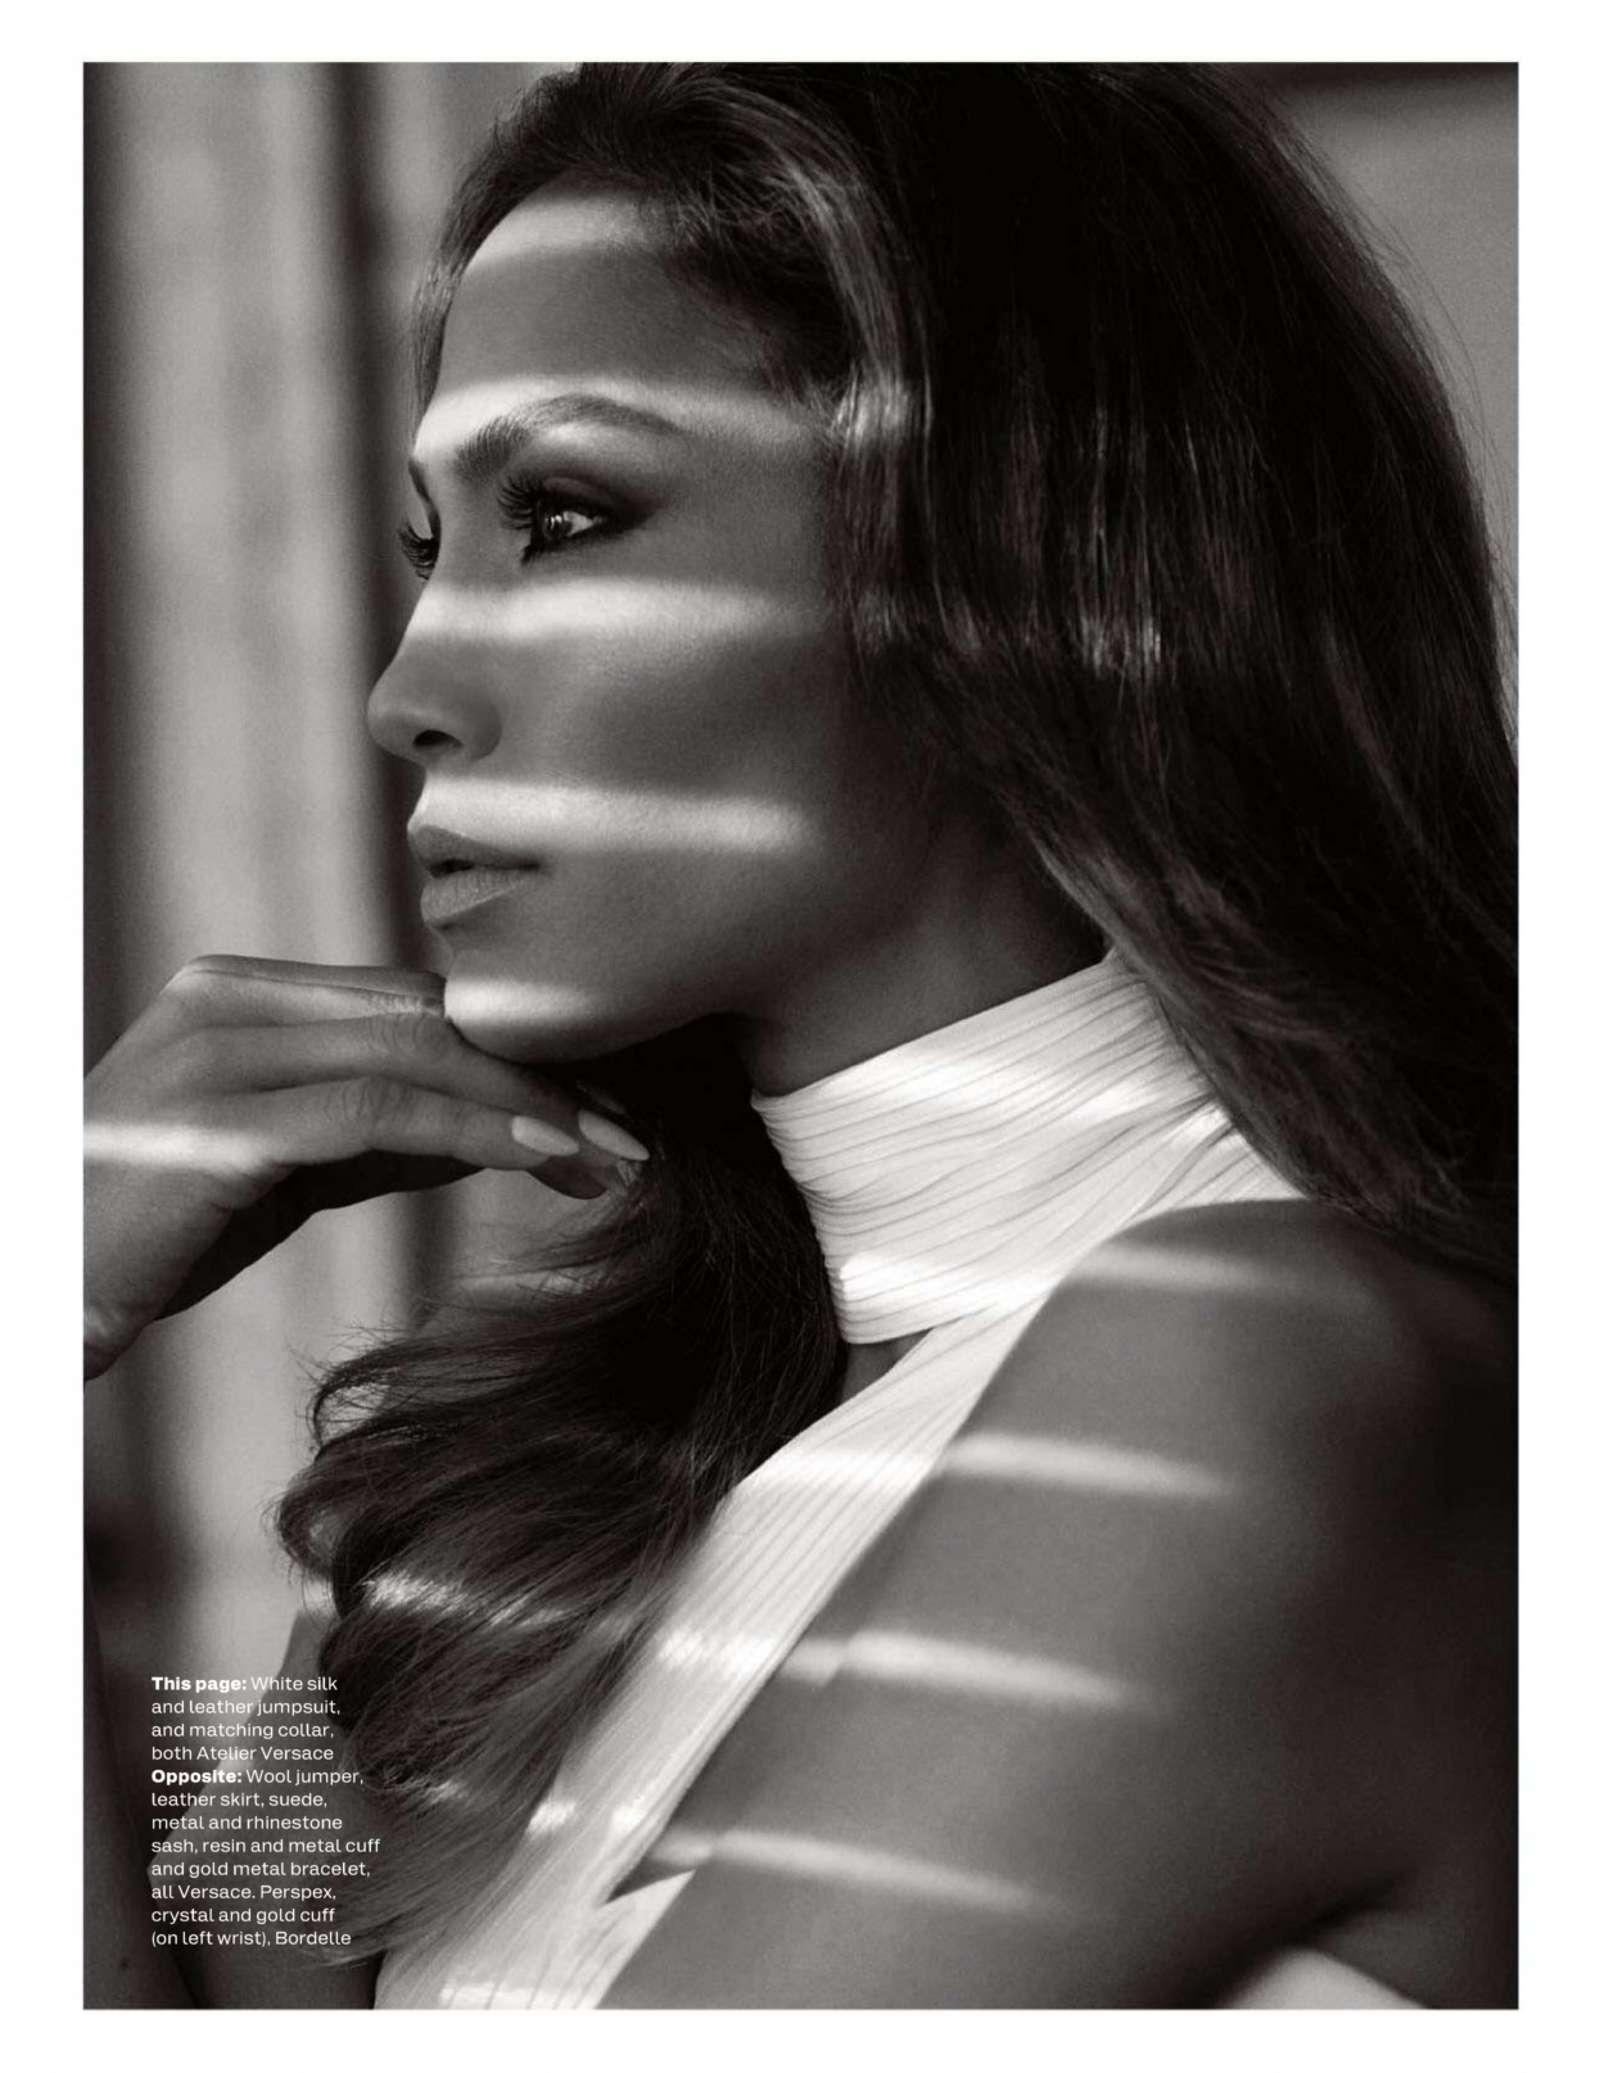 Jennifer Lopez 2014 : Jennifer Lopez – ELLE UK 2014 -11